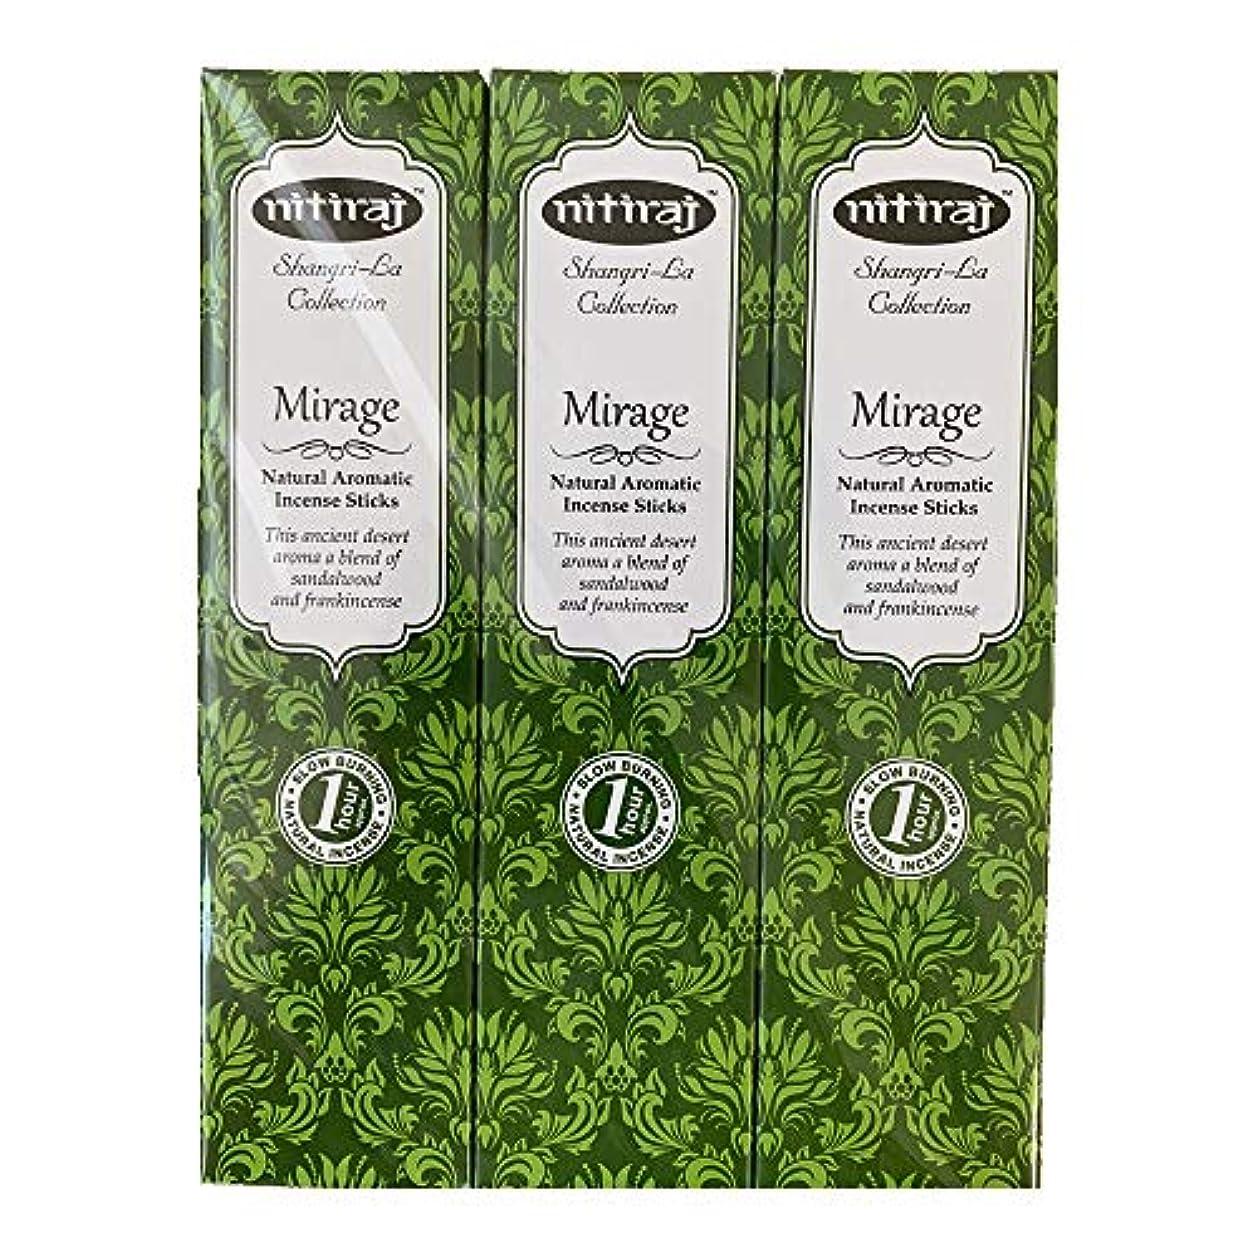 実り多いヒステリック鈍いお香 アロマインセンス Nitiraj(ニティラジ)Mirage(蜃気楼) 3箱セット(30本/1箱10本入り)100%天然素材